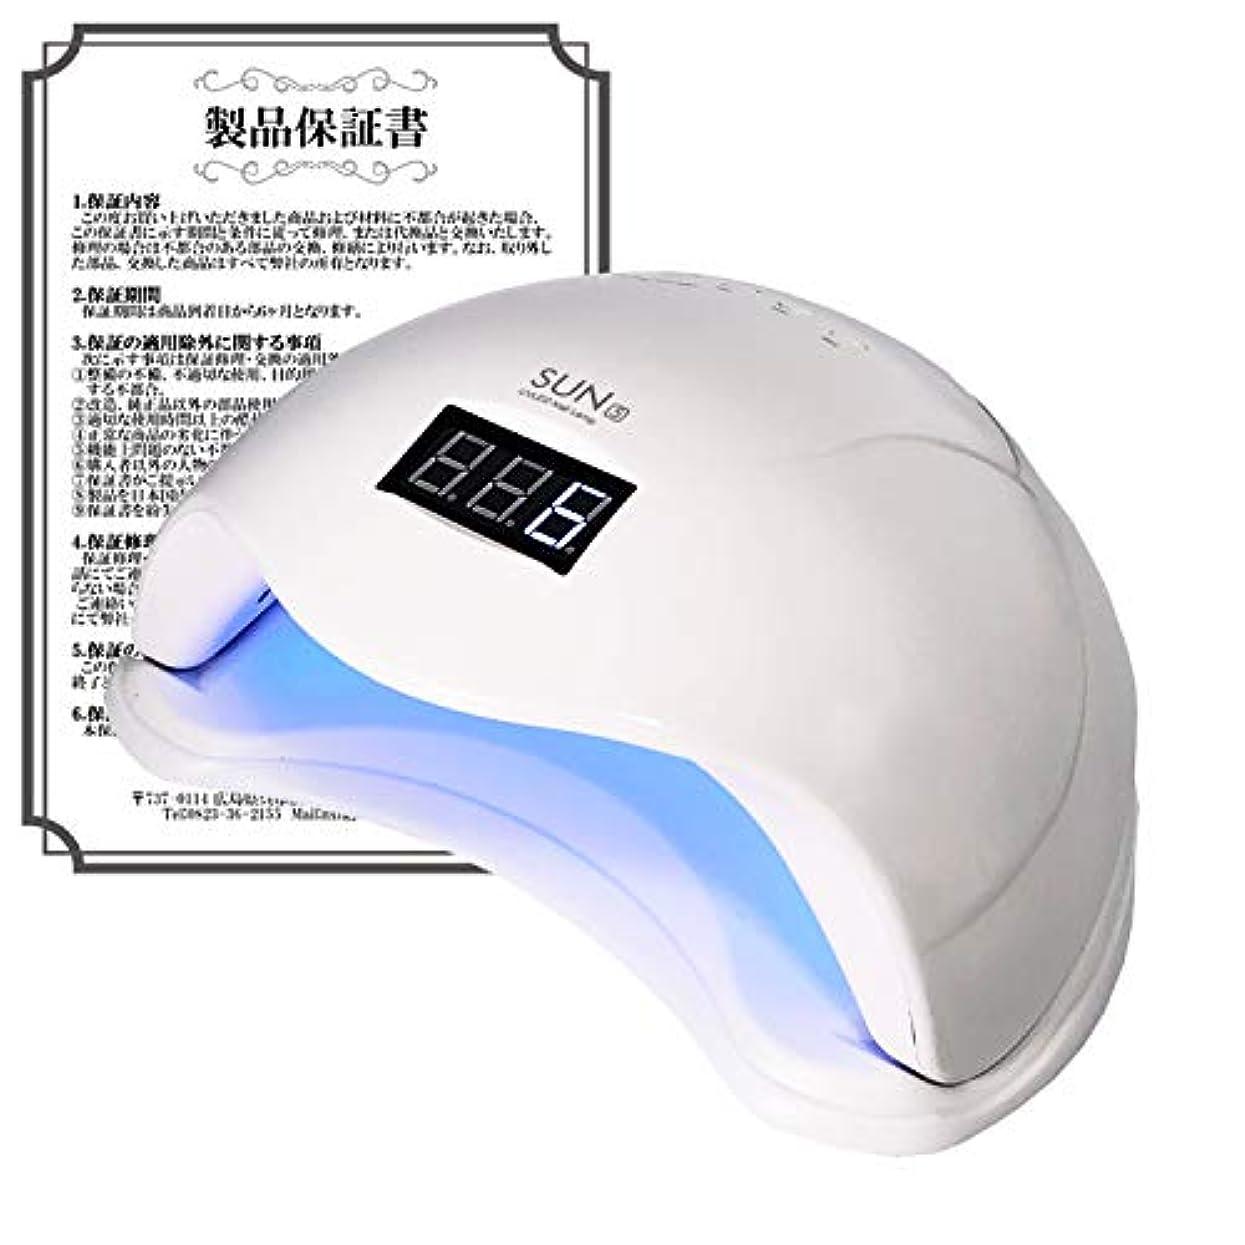 プリーツ錆び所属LEDライト UVライト 48W 簡単センサー付 低ヒート機能で安心 安心6ヶ月保証AQUA NAIL(ホワイト)